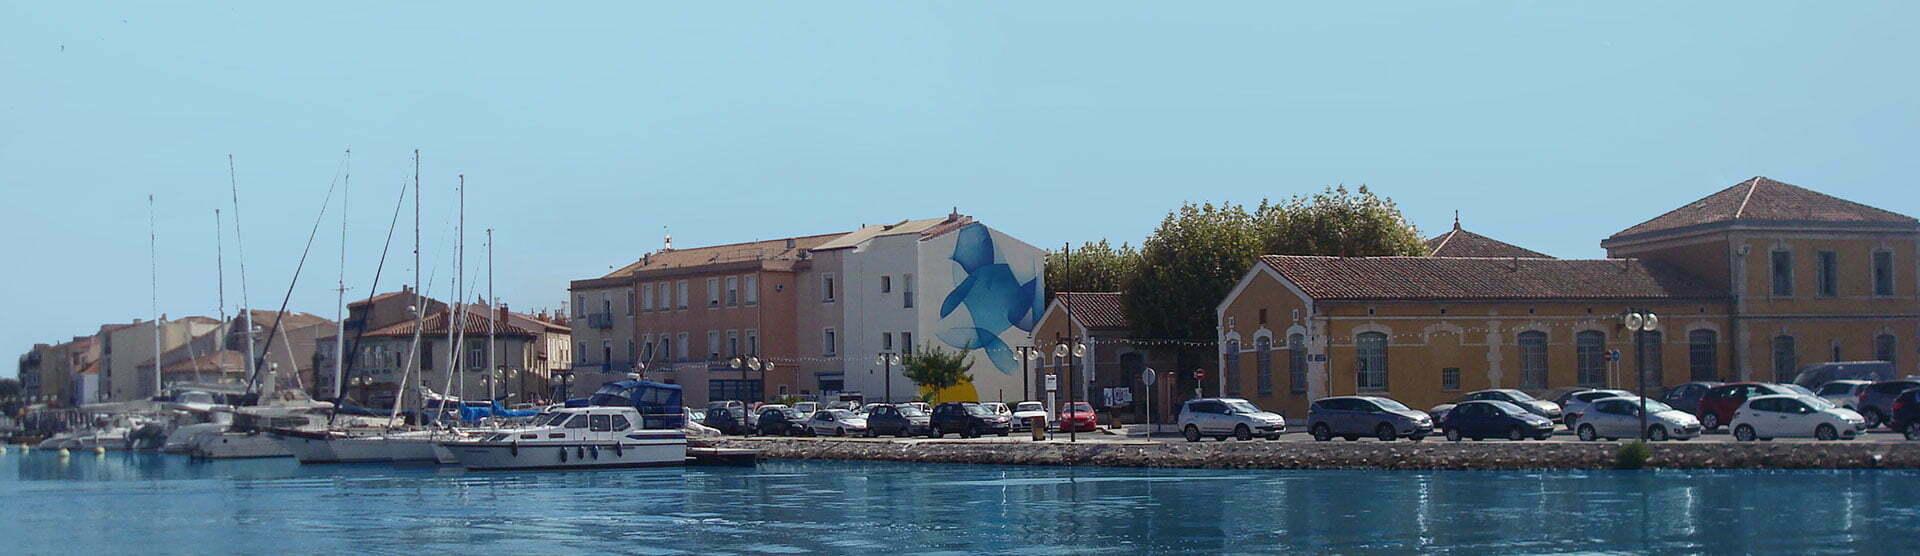 Peinture monumentale de Guillaume Bottazzi qui marque l'entrée du port de Martigues.